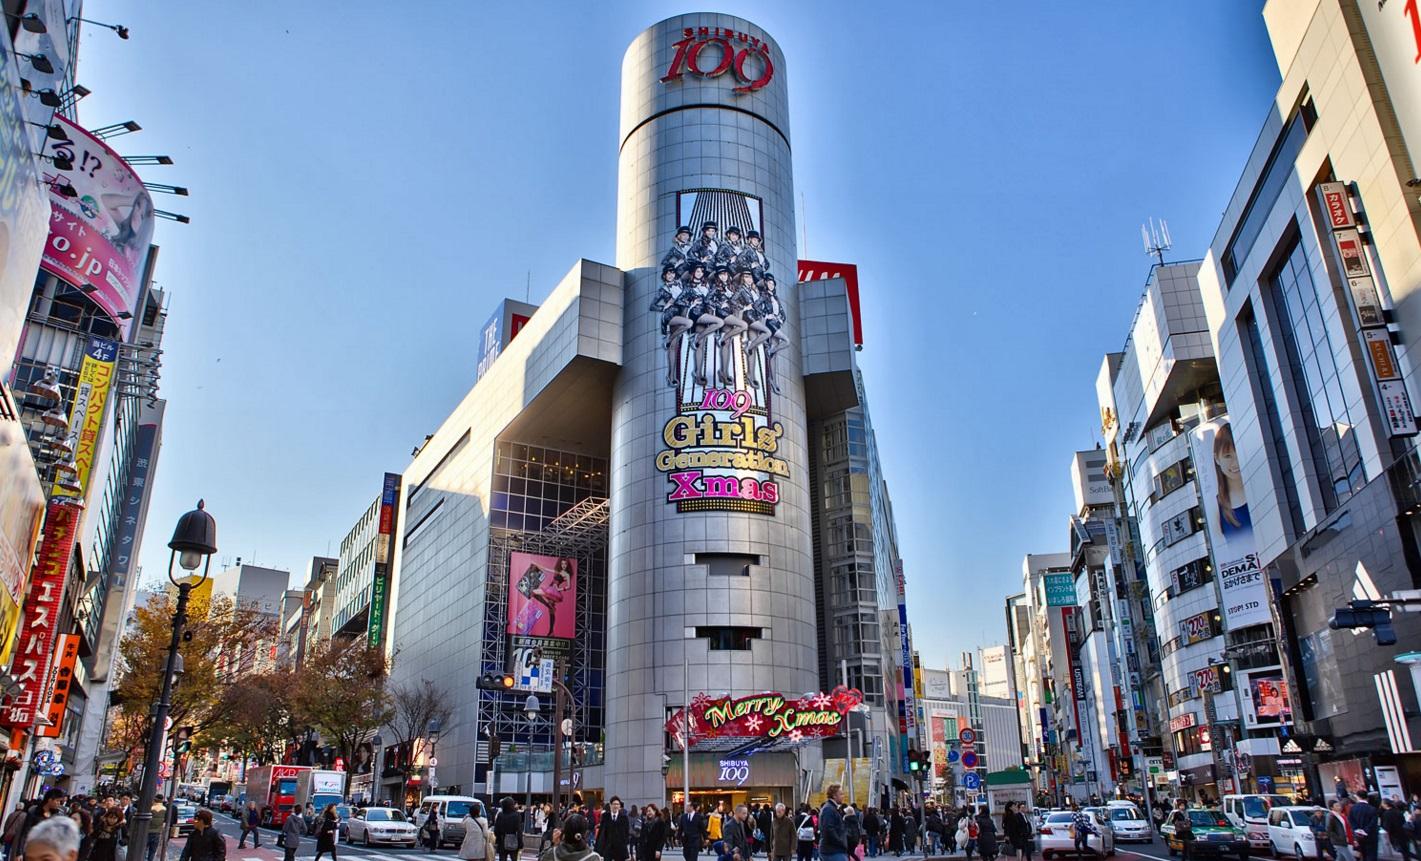 渋谷でおすすめブランド買取店5社をご紹介!高価買取のコツも伝授!のサムネイル画像